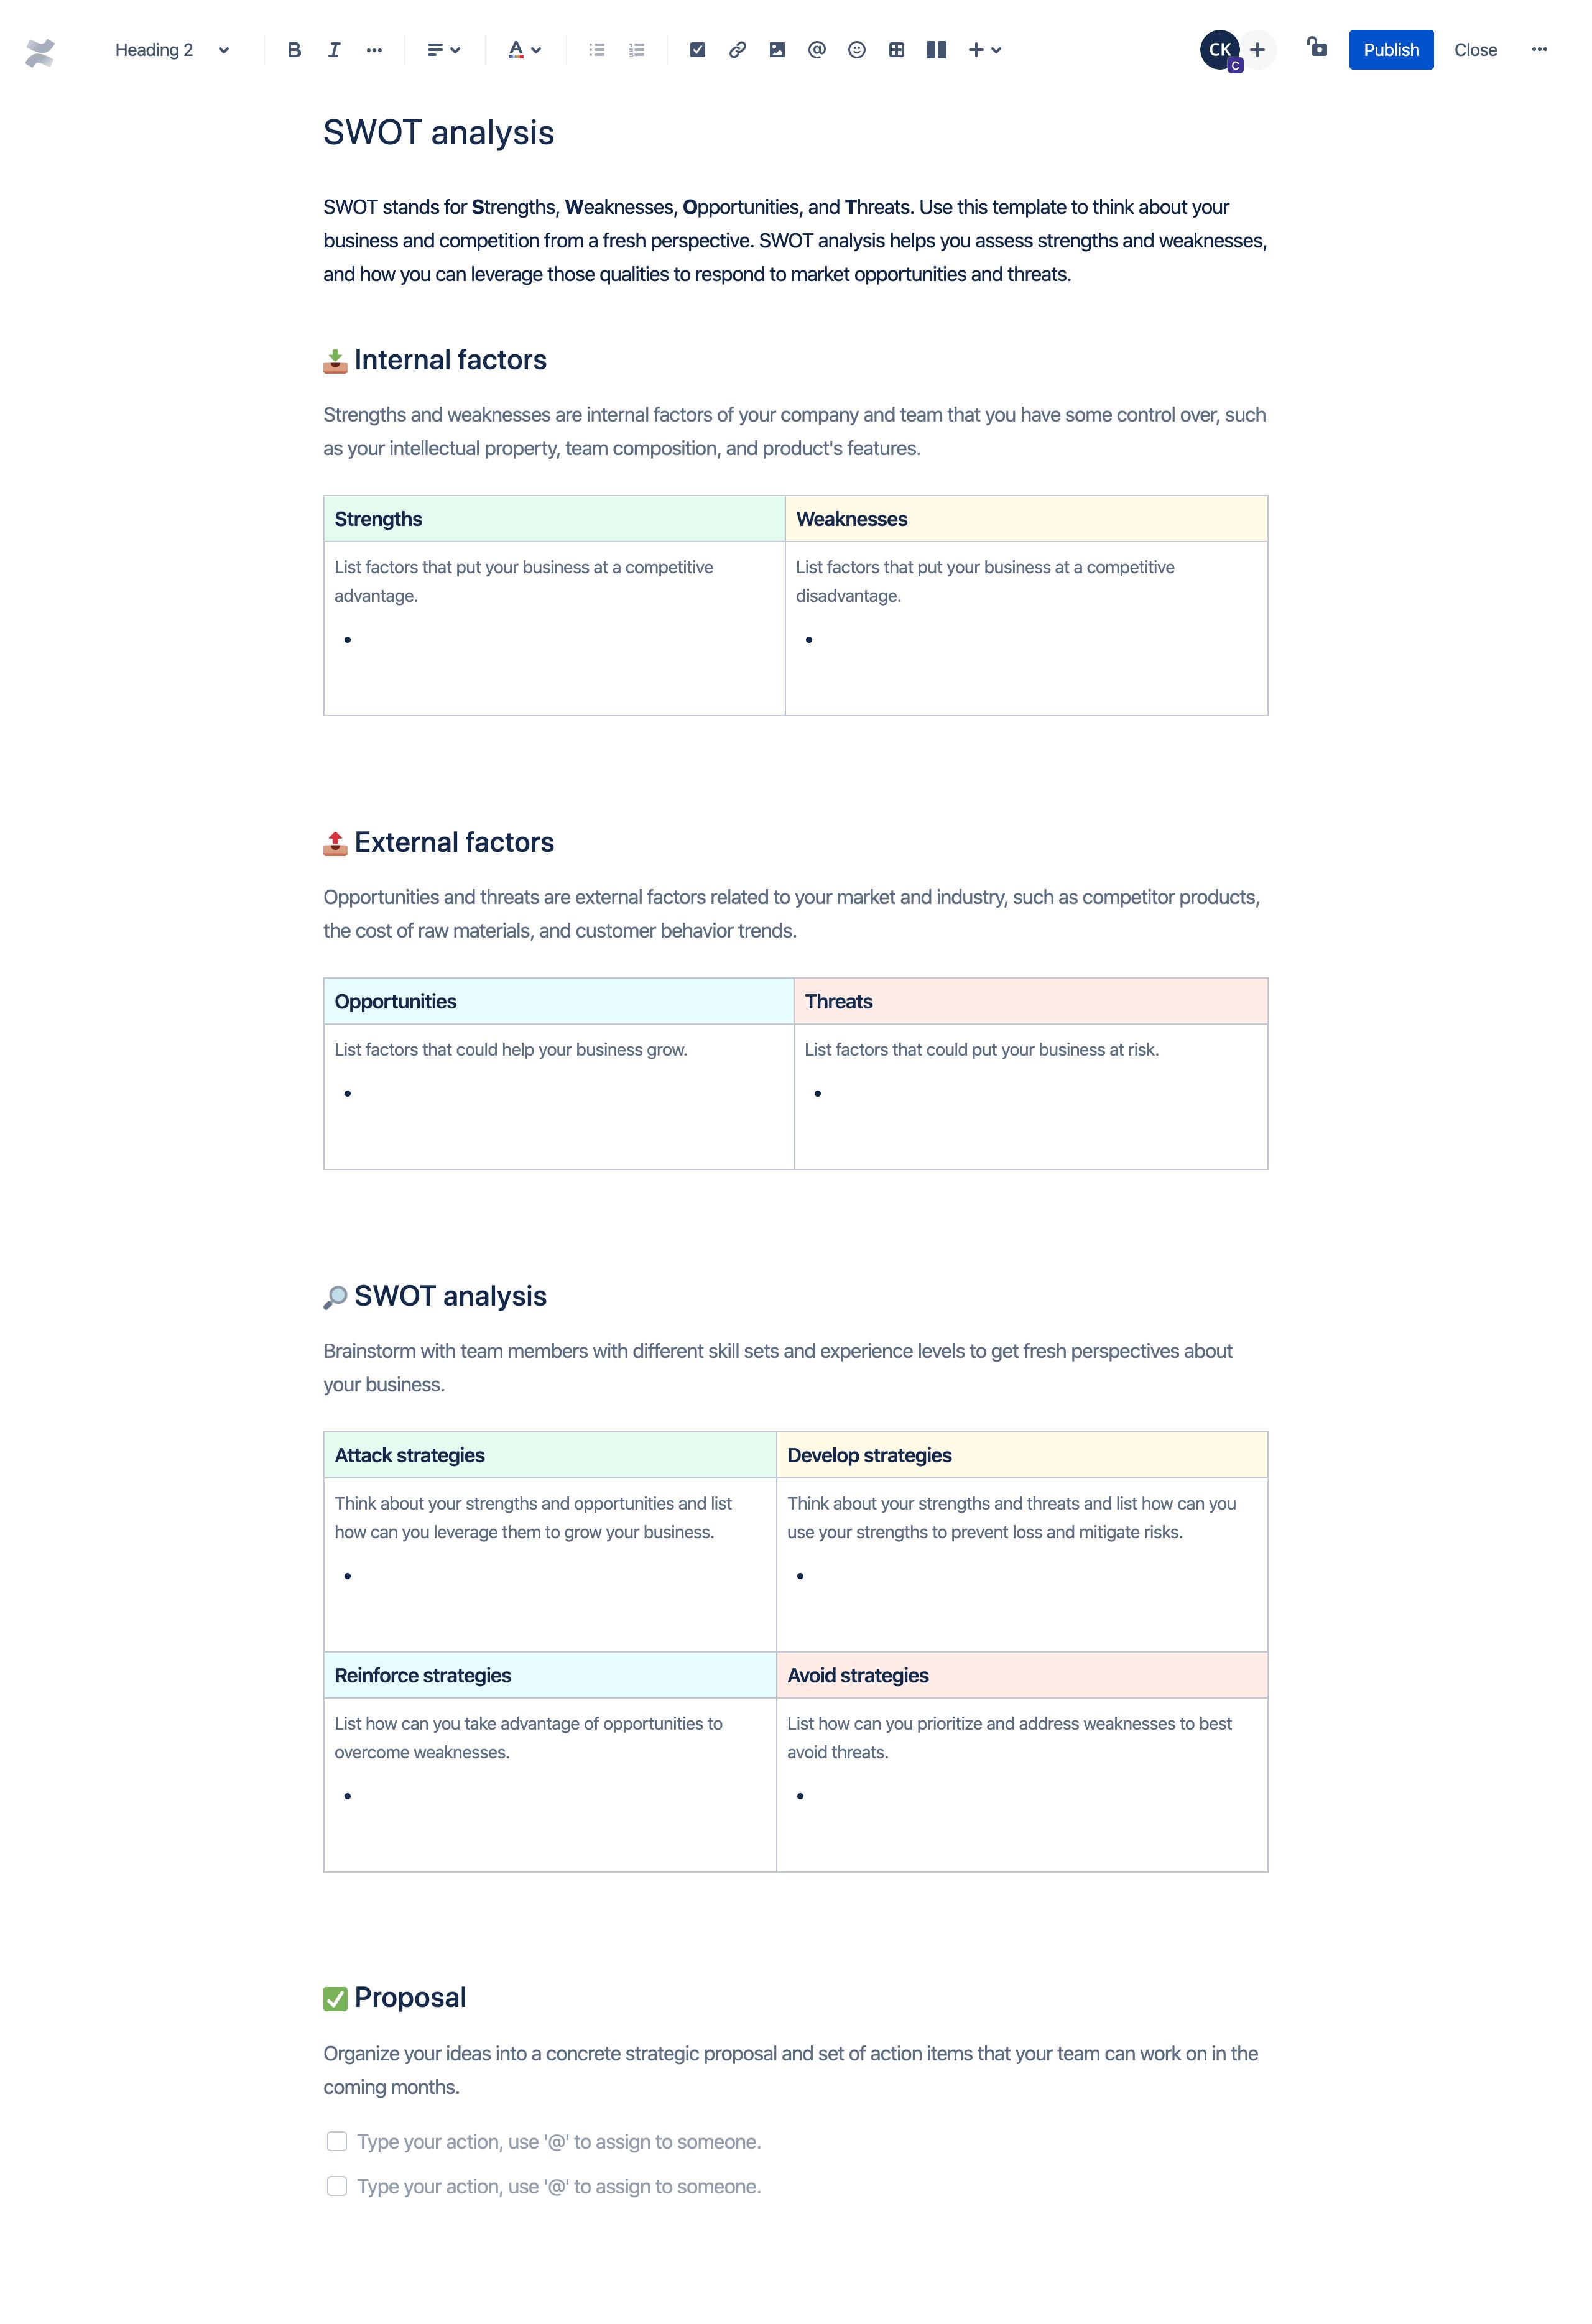 Analiza SWOT — szablon